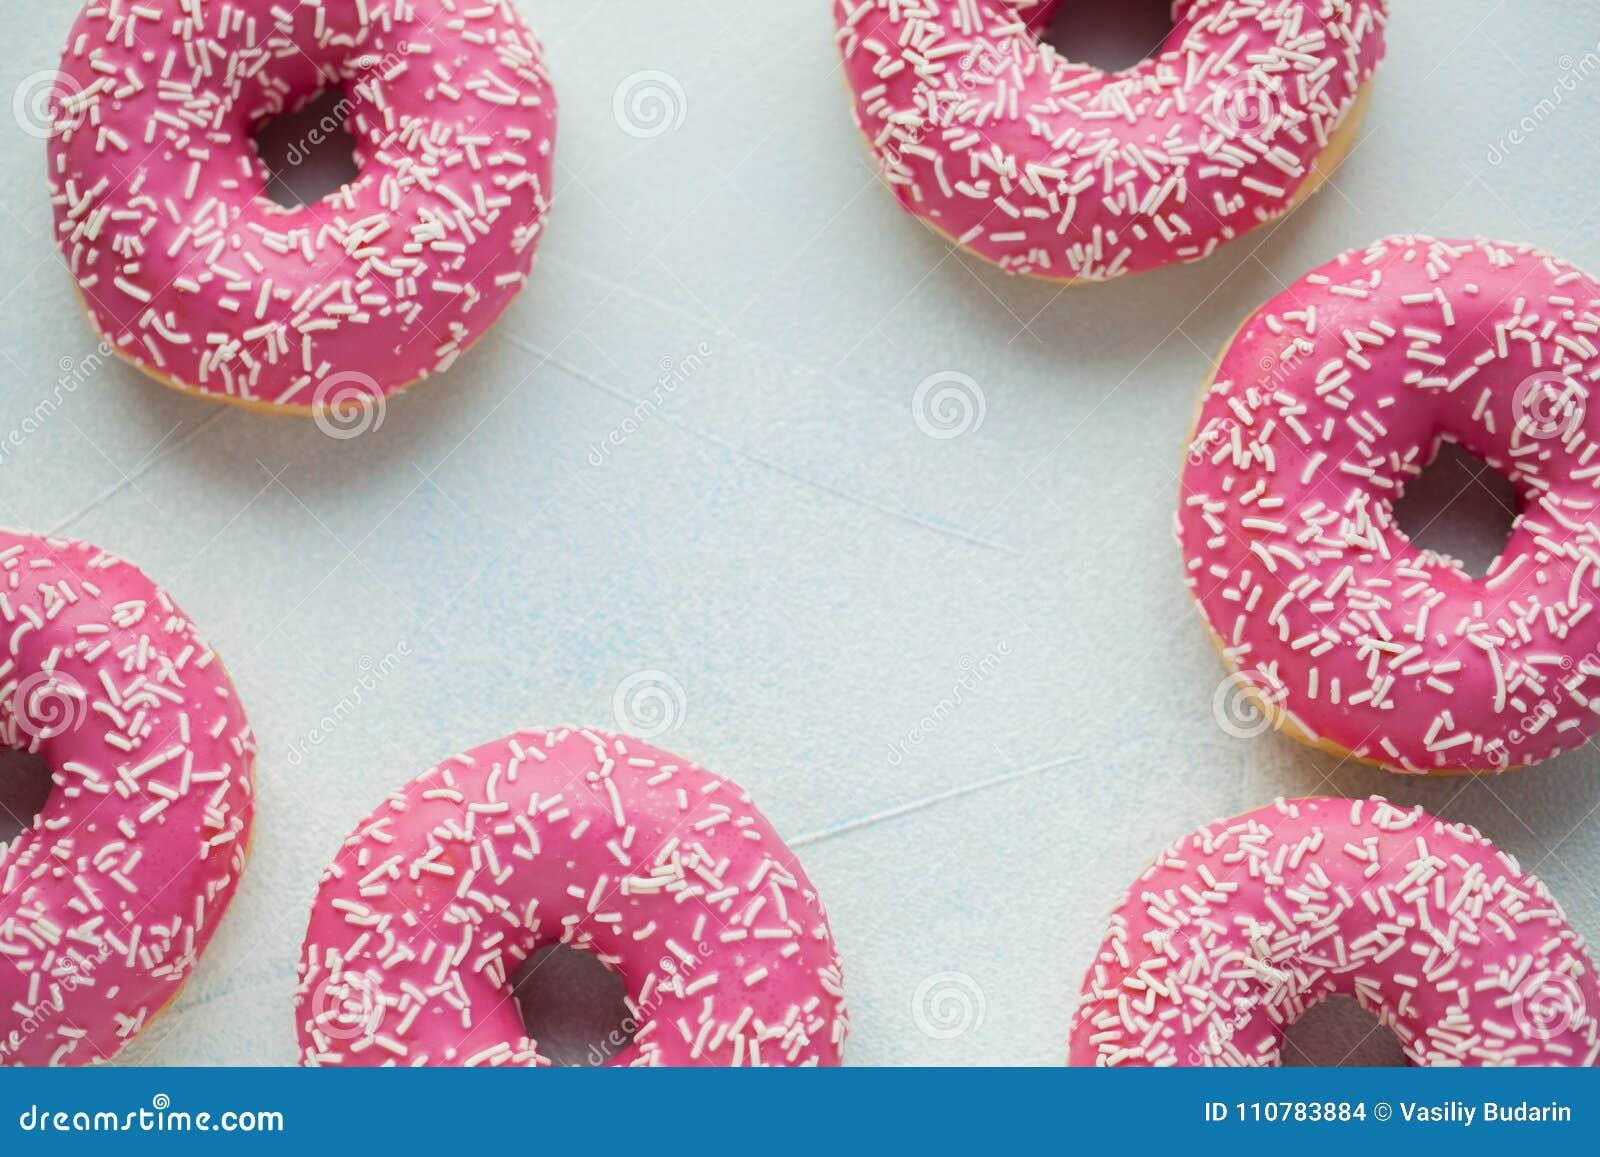 Filhós Alimento doce do açúcar de crosta de gelo Petisco colorido da sobremesa Vitrificado polvilha Deleite do bolo delicioso da